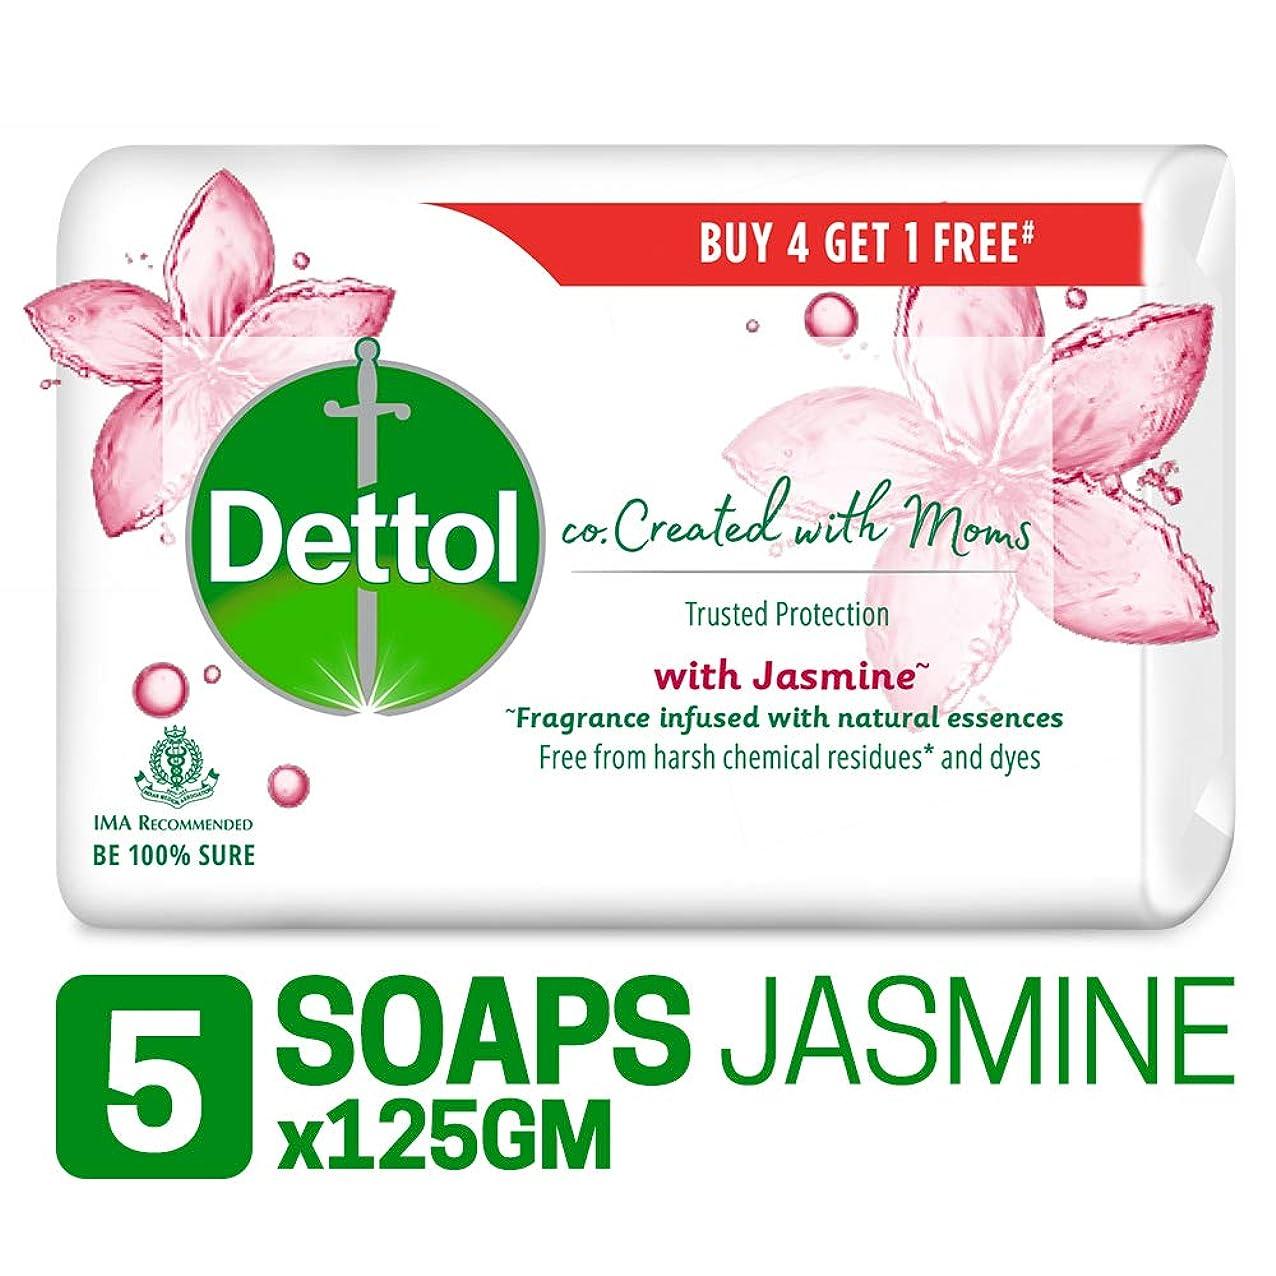 シンプトン絶滅させる分割Dettol Co-created with moms Jasmine Bathing Soap, 125gm (Buy 4 Get 1 Free)